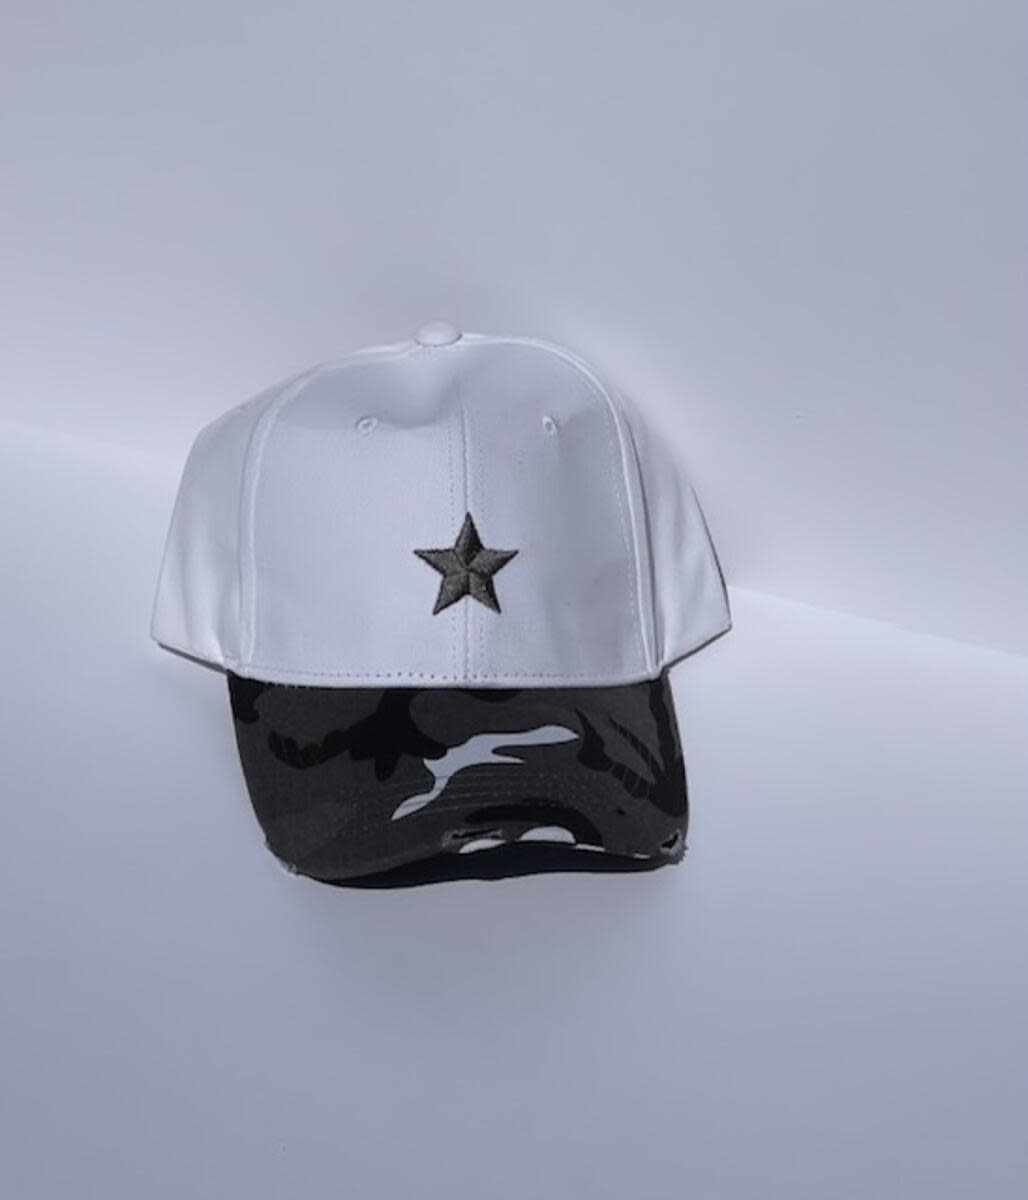 HAUTE SHORE HAUTE HAT-BOARDWALK WHITE CHAR STAR/CAMO